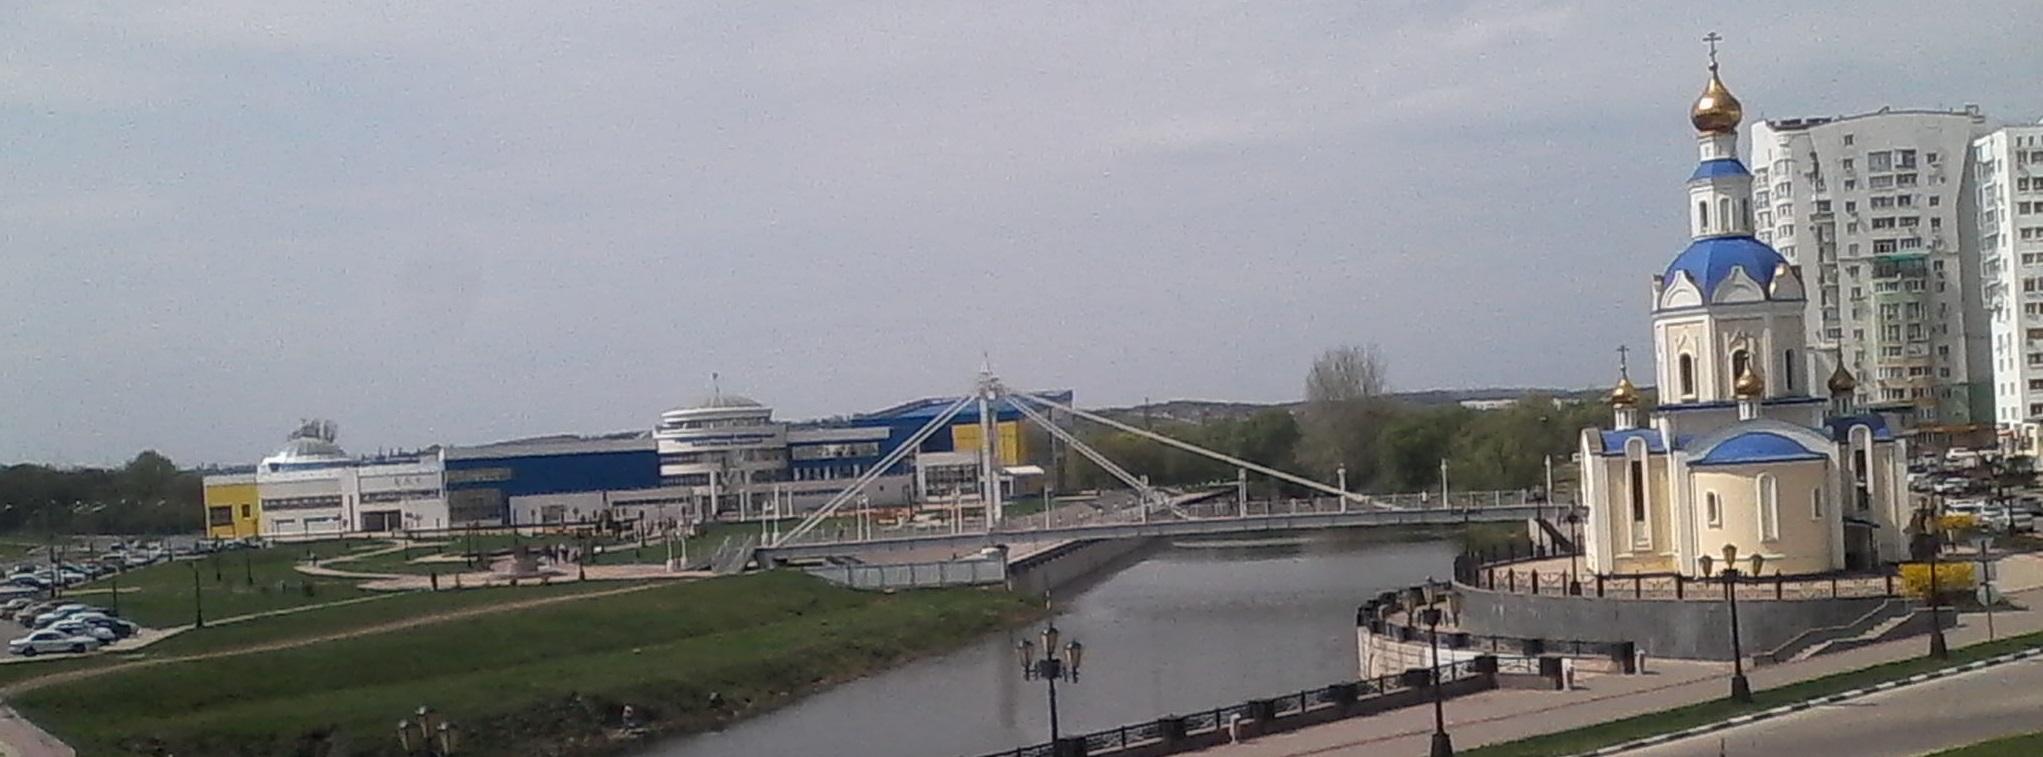 Грузоперевозки из Москвы в Белгород